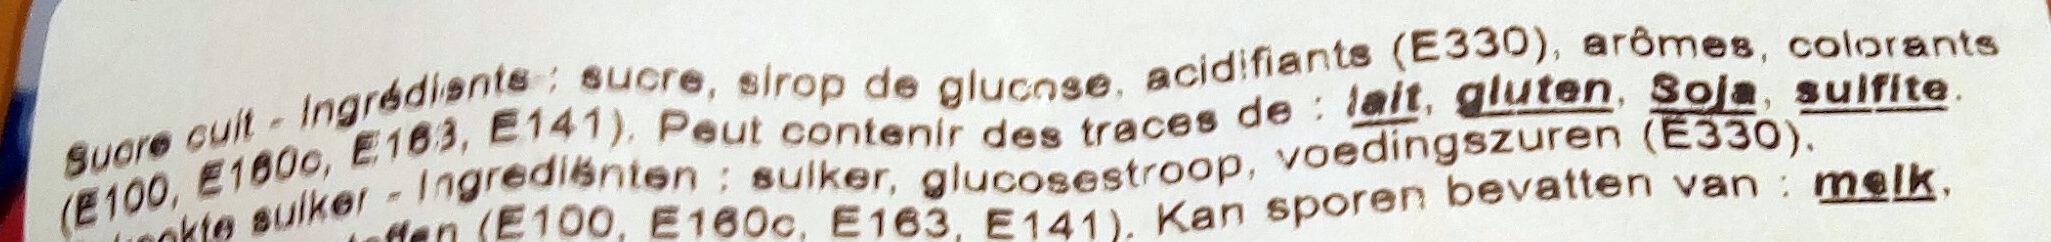 Confiserie - Ingrédients - fr